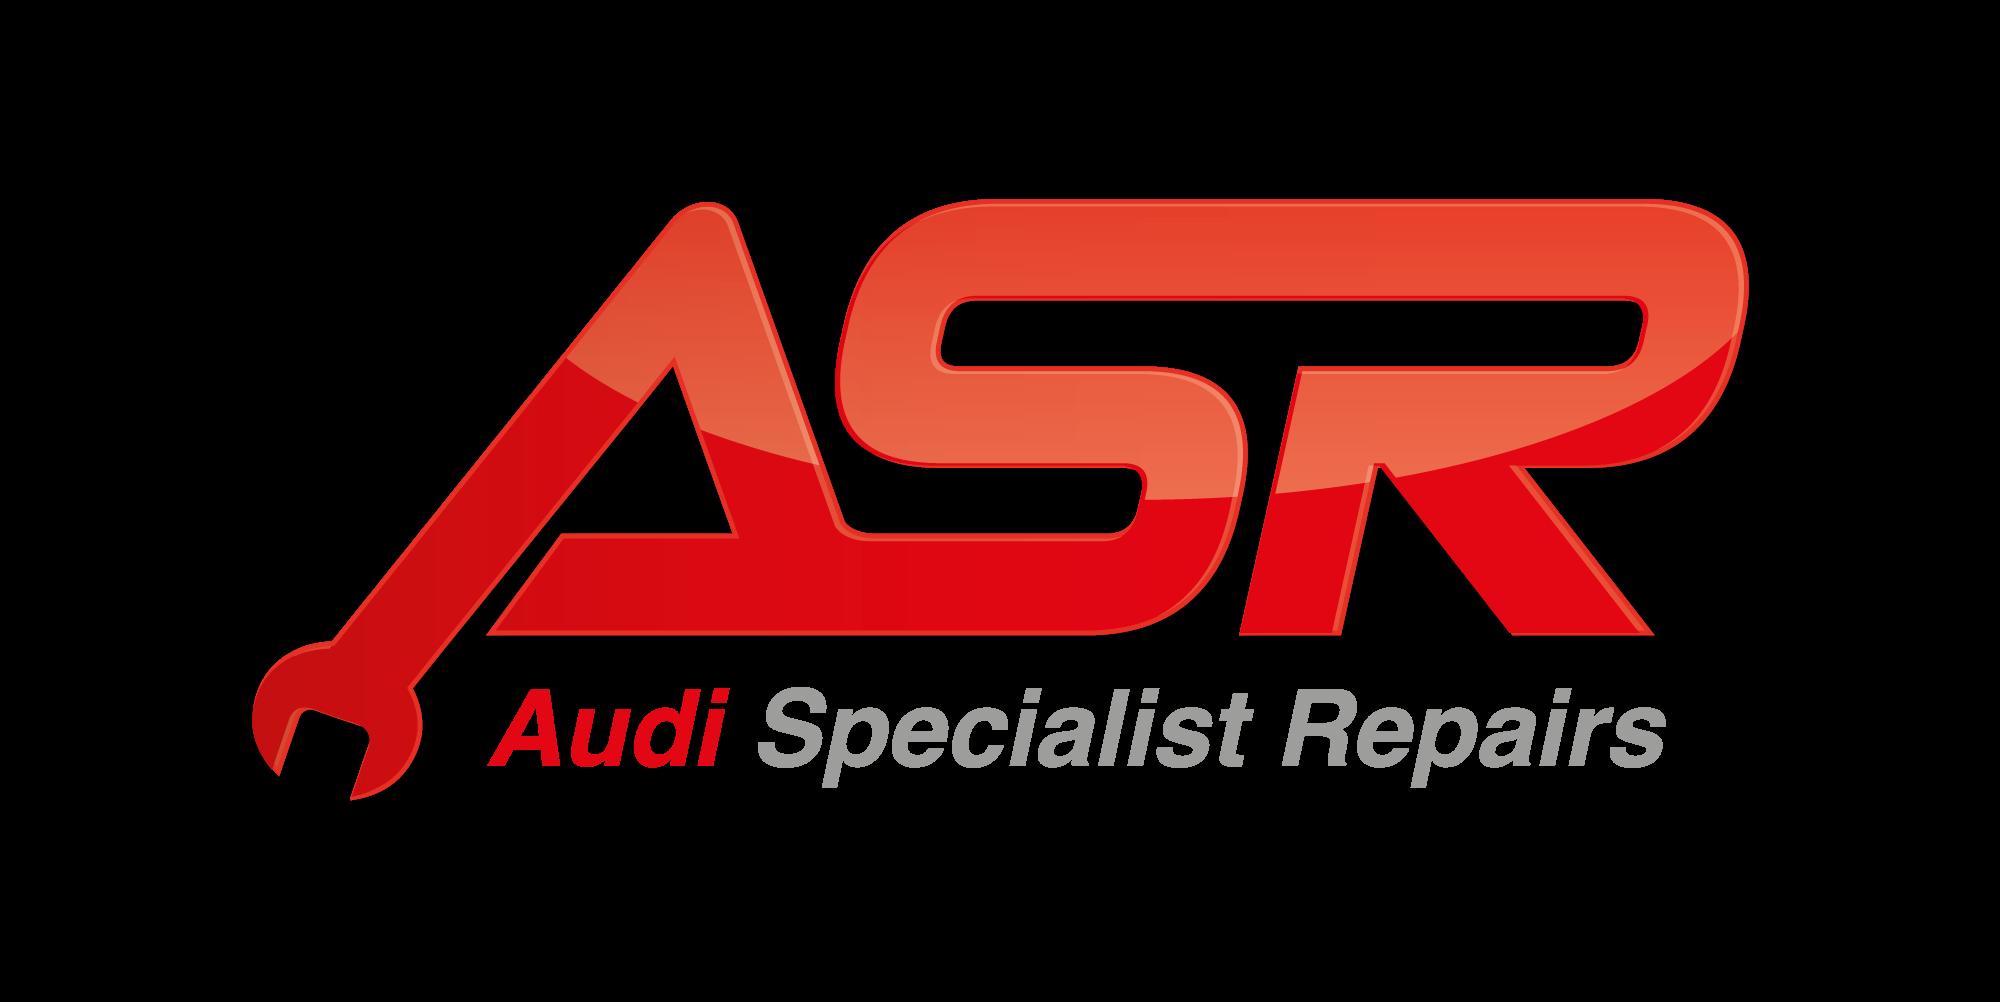 Audi Specialist repairs logo